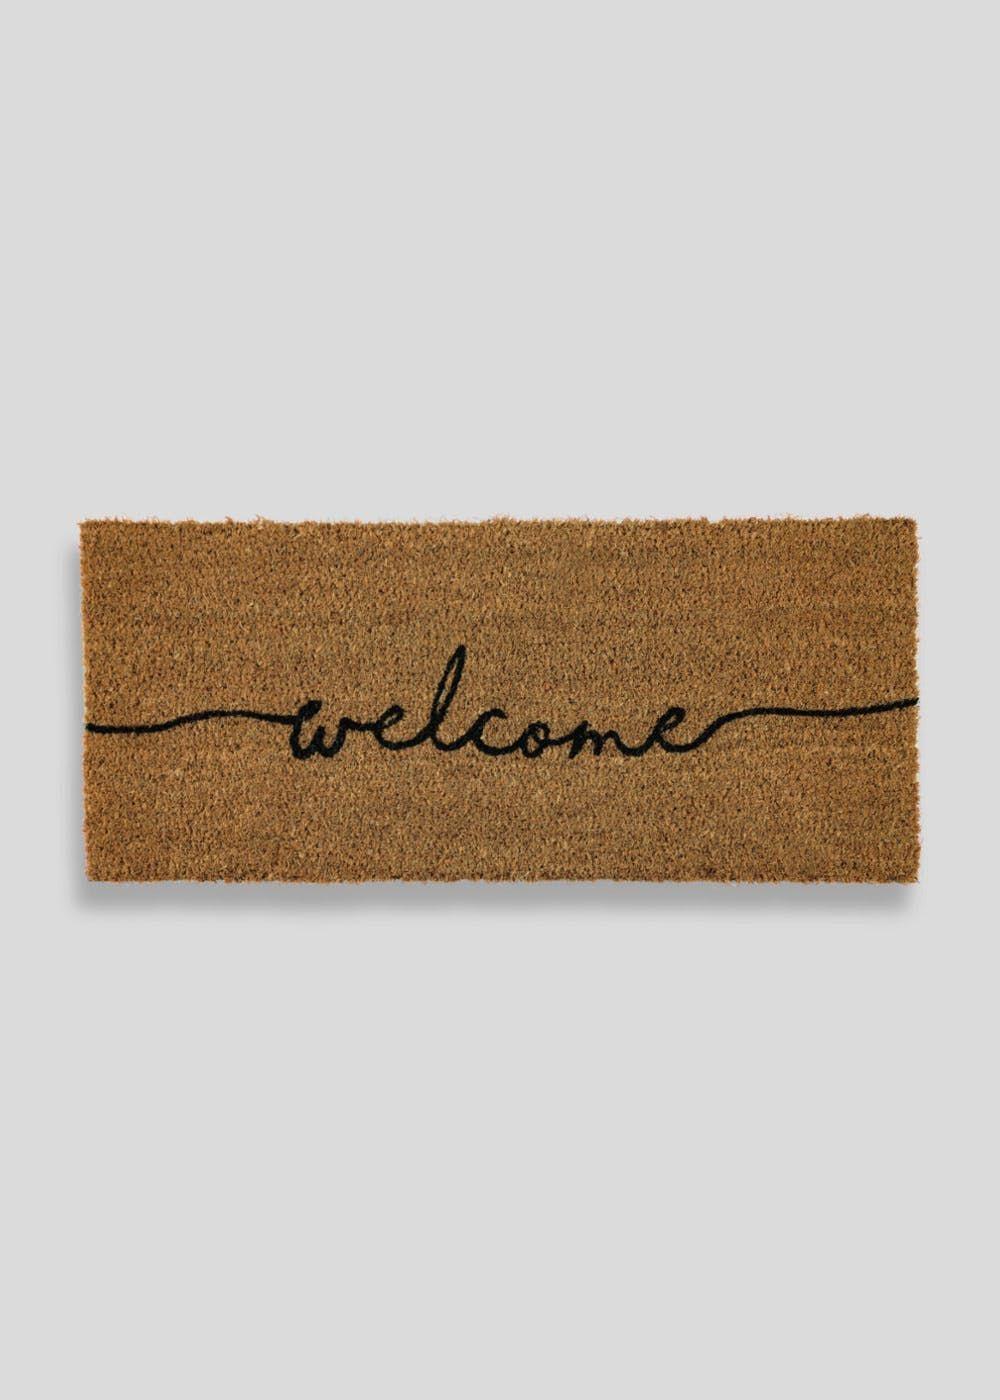 Welcome Doormat (60cmx 40cm) | Doormat, Neutral and Attic